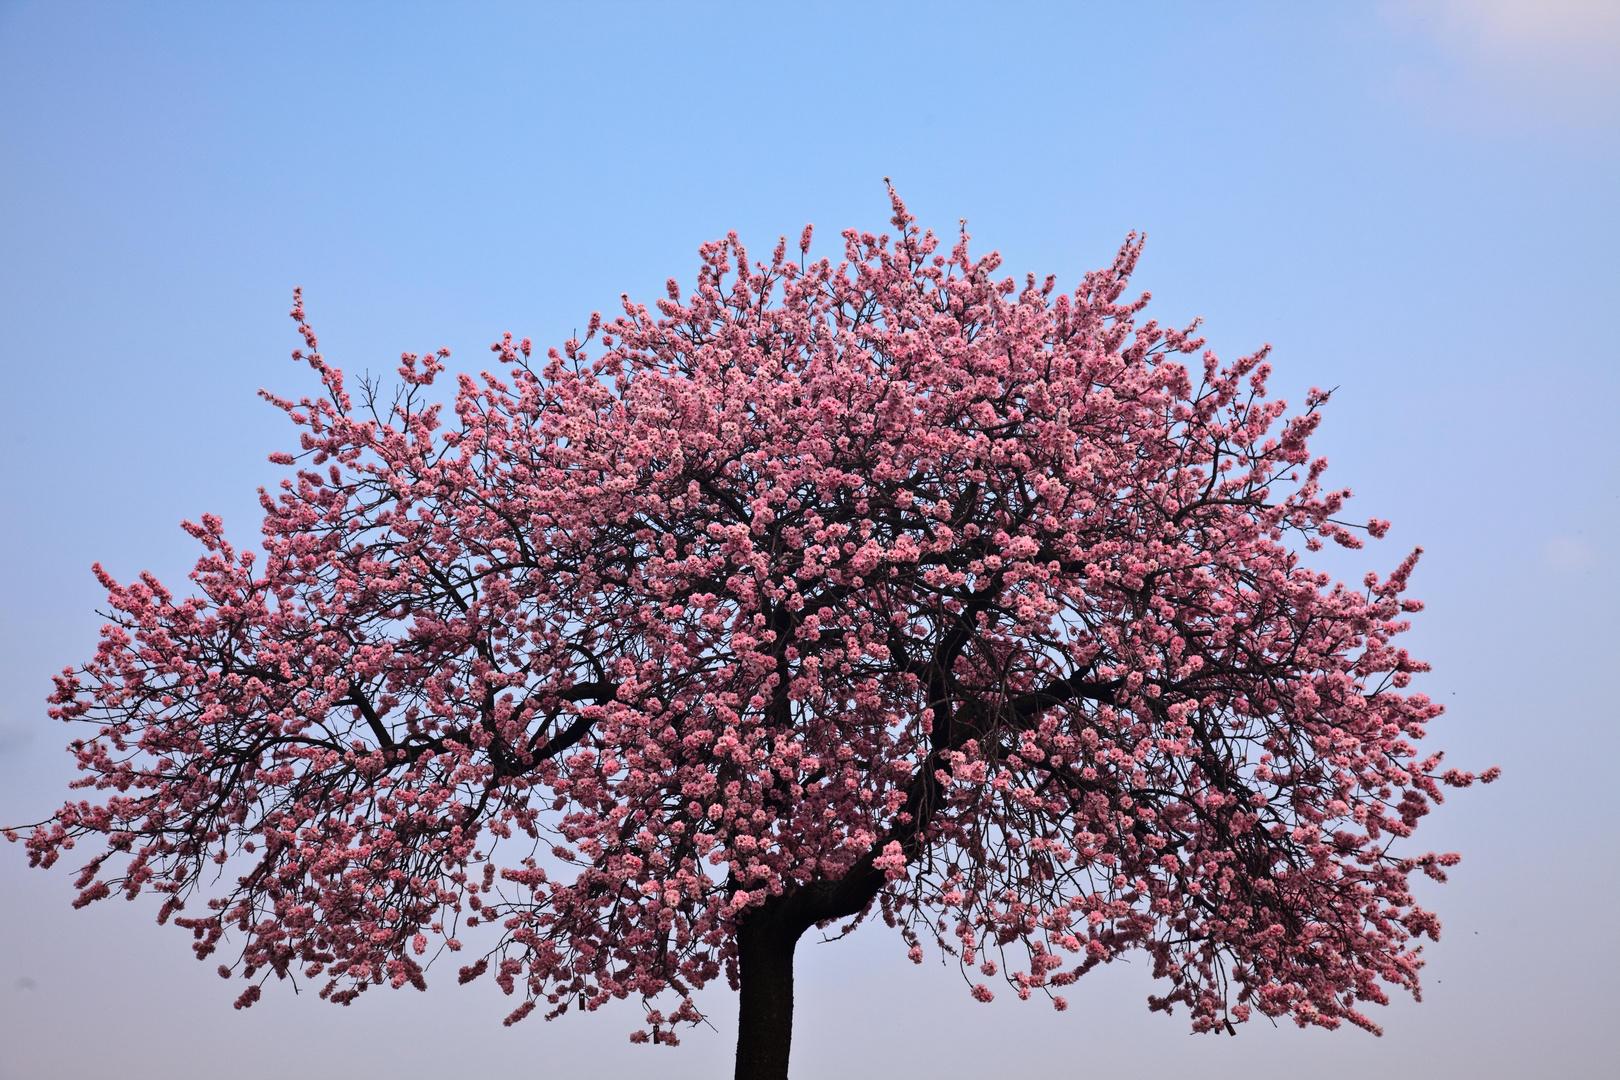 mandelbaum nicht aufgepfropft foto bild jahreszeiten fr hling natur bilder auf. Black Bedroom Furniture Sets. Home Design Ideas